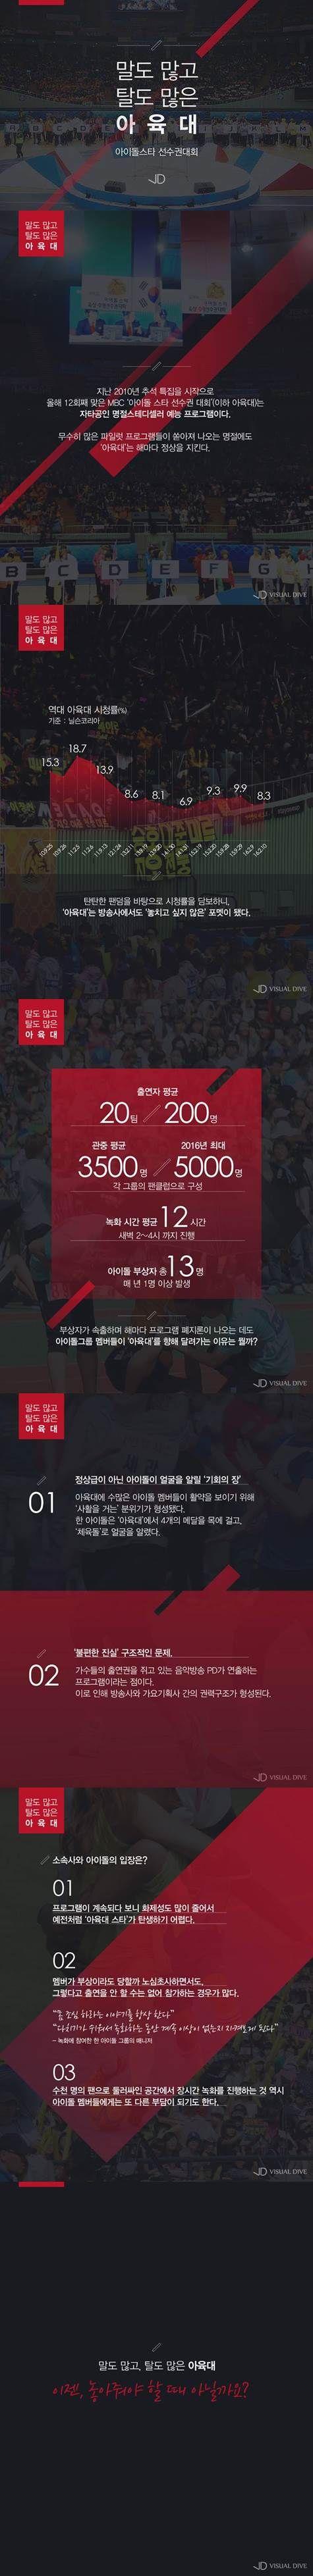 잇다른 부상에 바람 잘 날 없는 '아육대'…폐지론에도 계속되는 이유는? [인포그래픽] #idol / #Infographic ⓒ 비주얼다이브 무단 복사·전재·재배포 금지